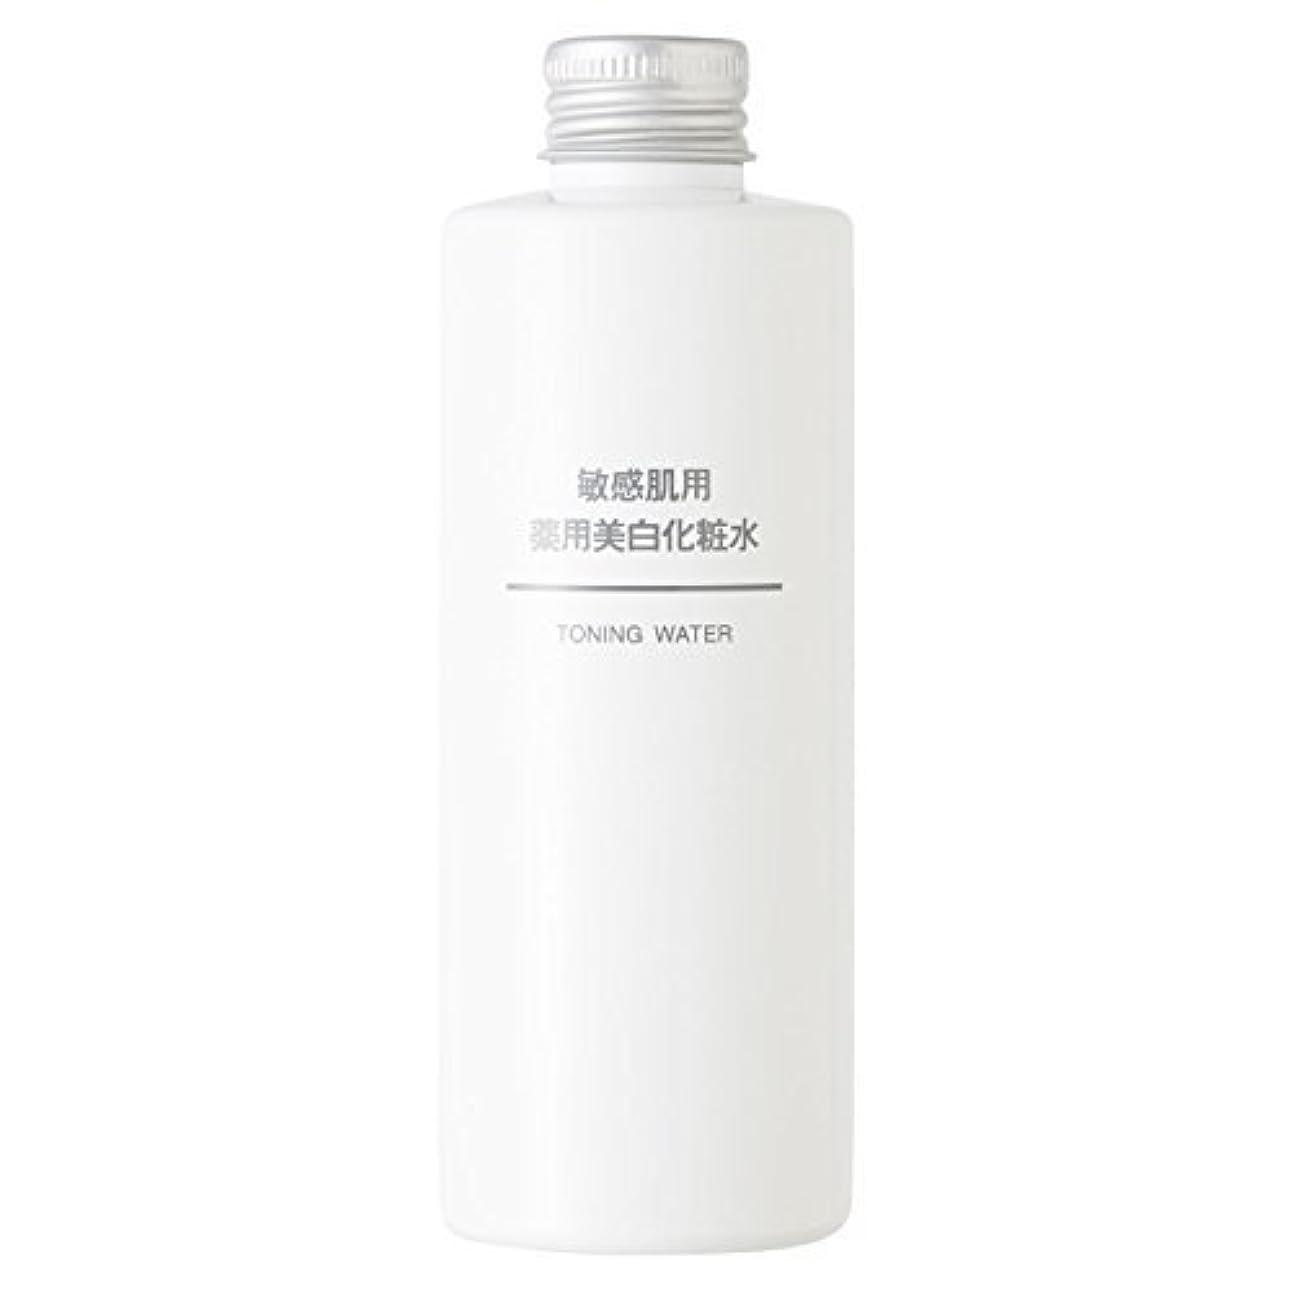 借りているあいまい参照する無印良品 敏感肌用 薬用美白化粧水 (新)200ml